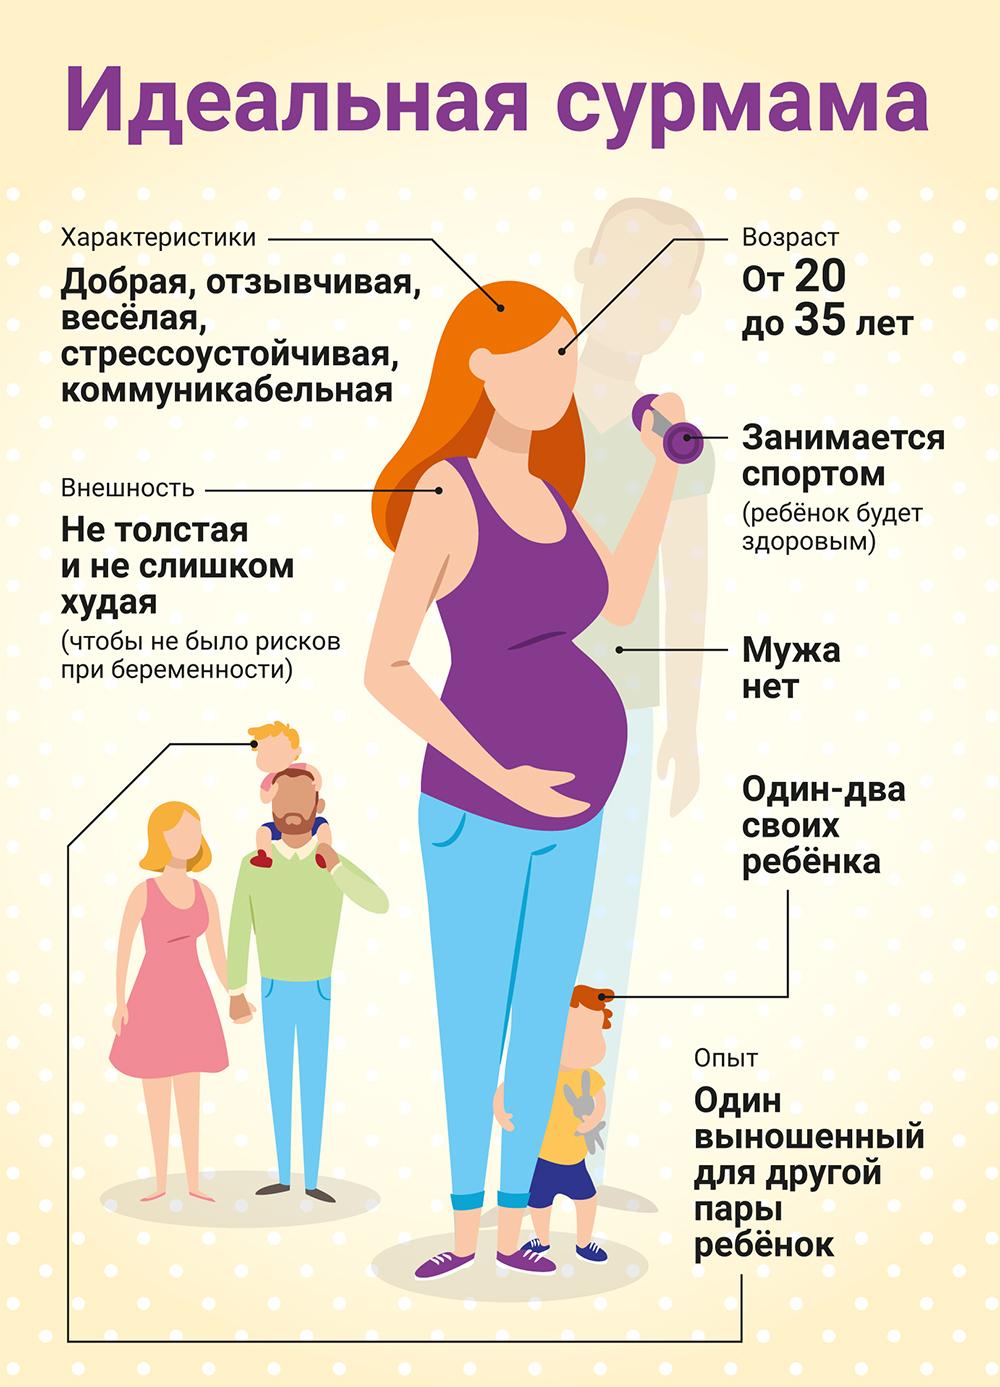 Суррогатное материнство в россии: как ею стать и разрешено ли по закону быть суррогатной матерью